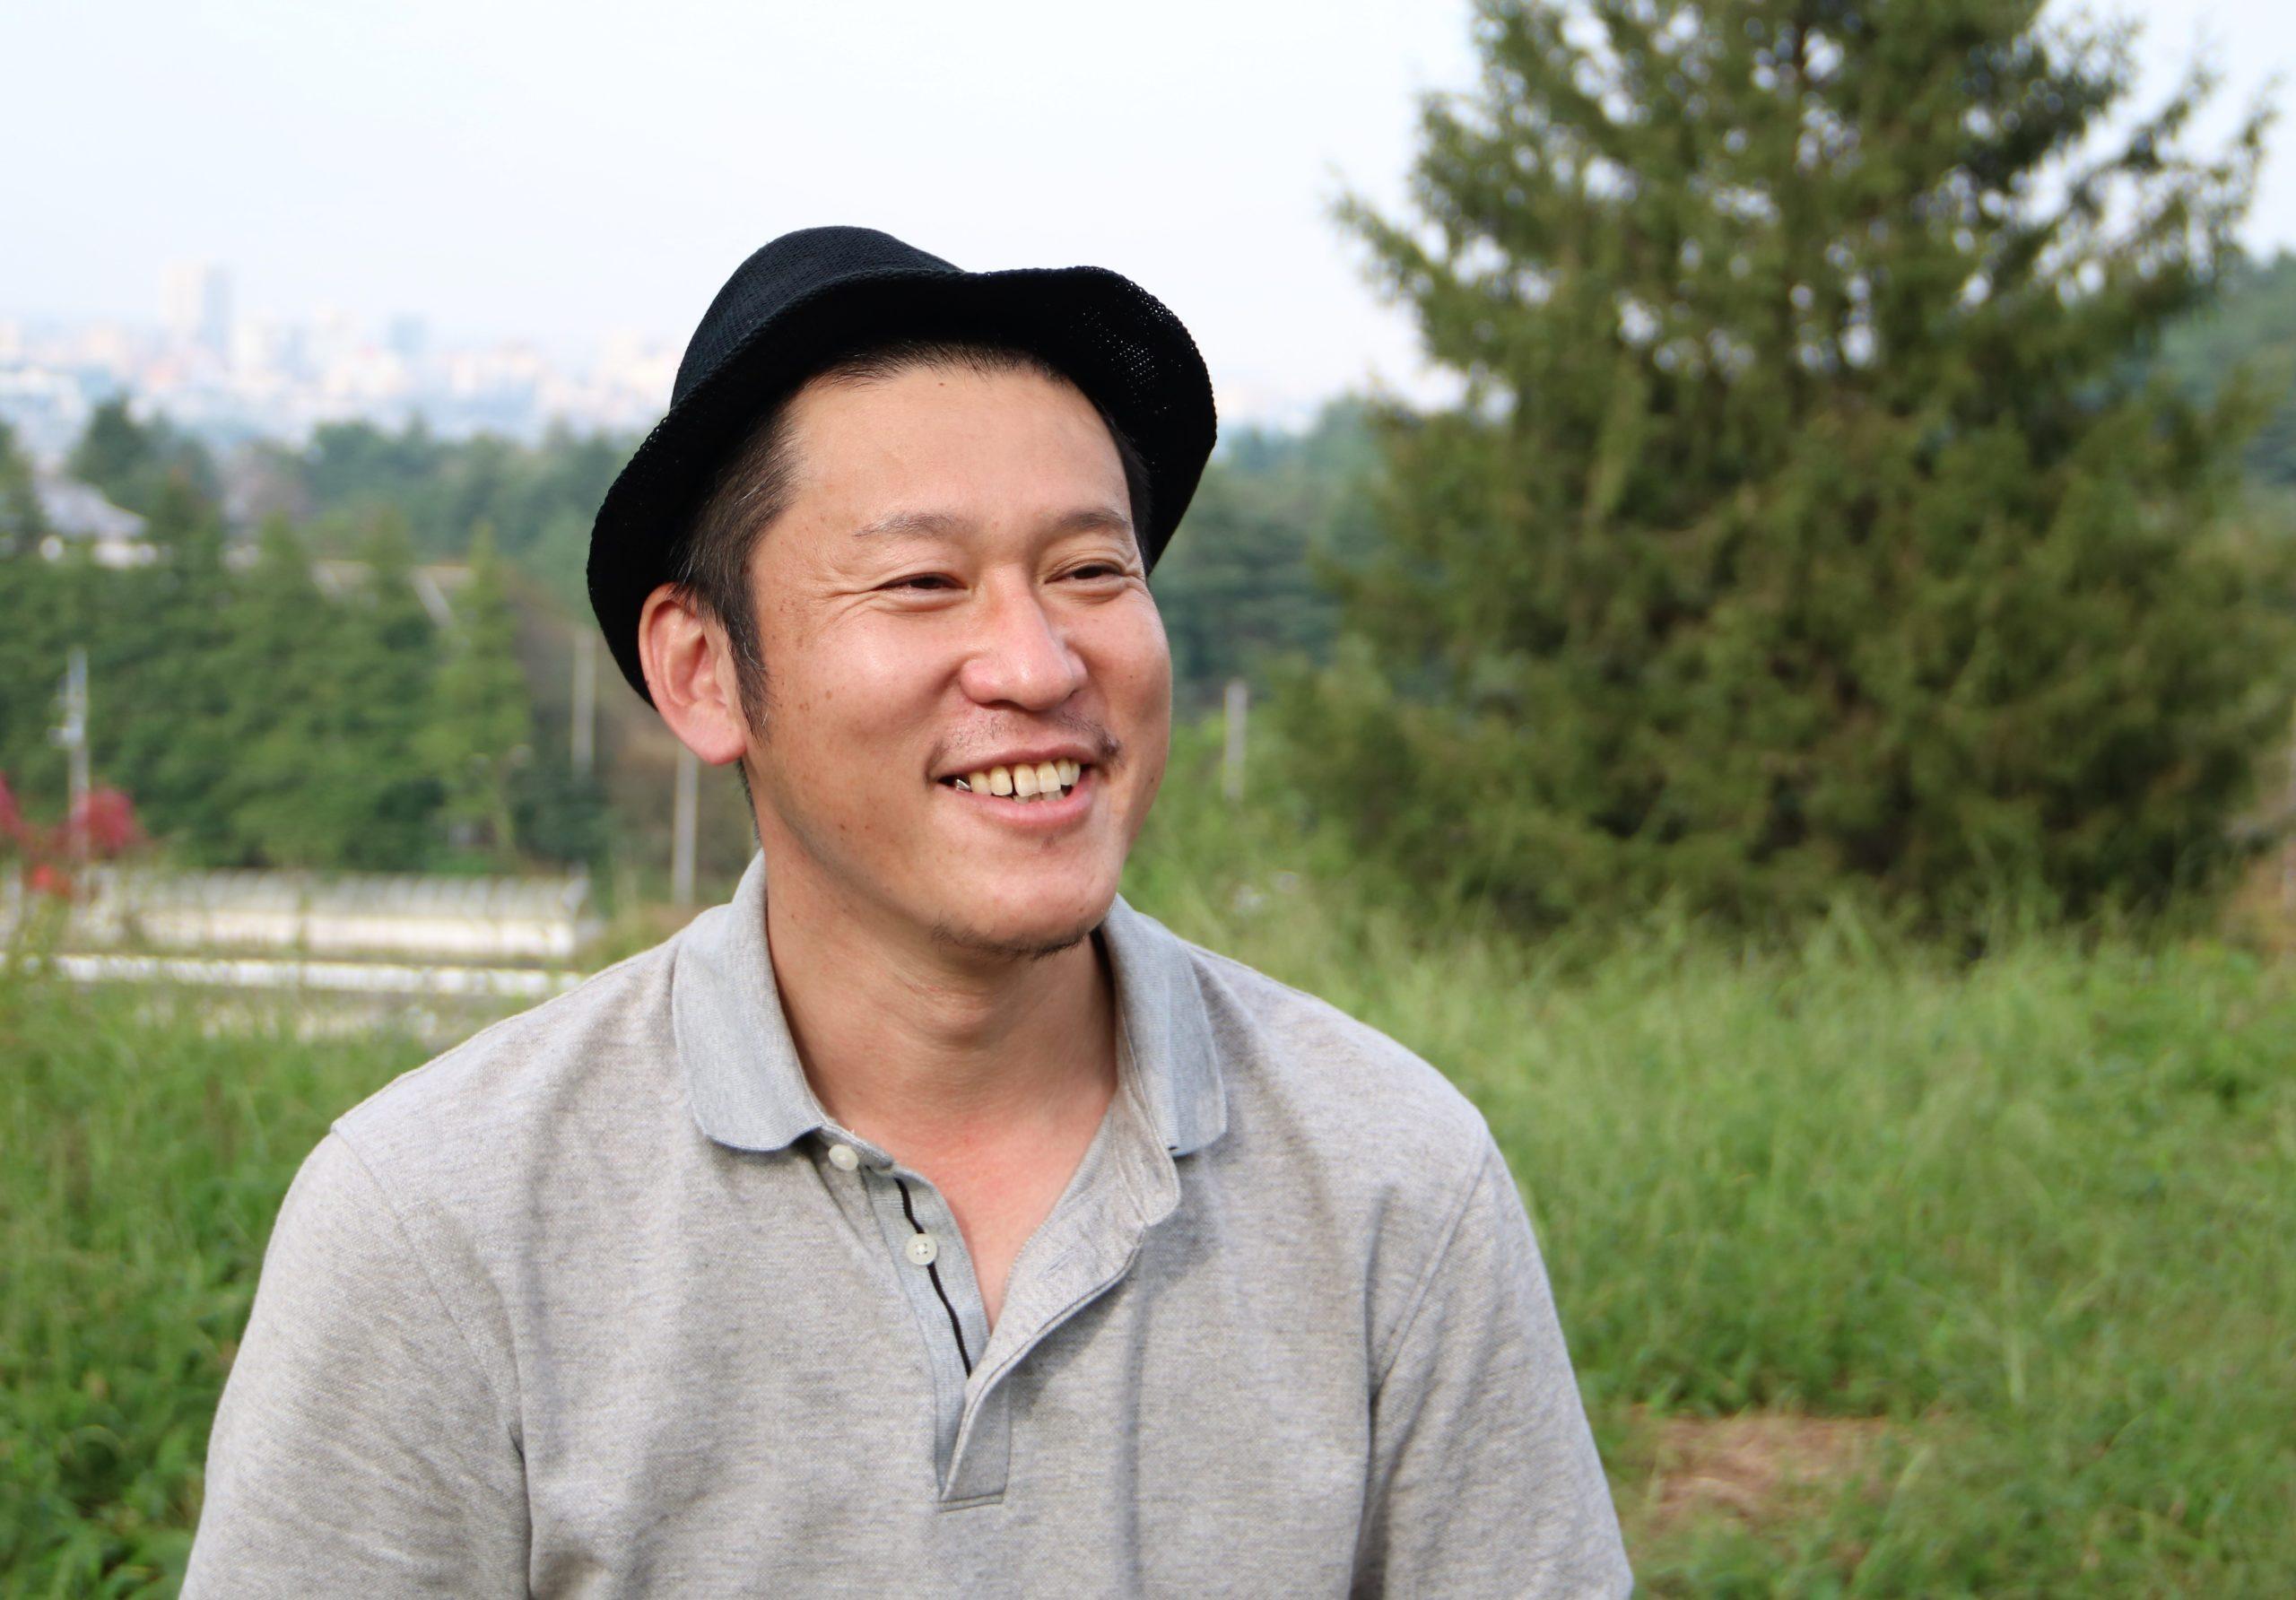 多摩市のカメラマン・鈴木孝正さん